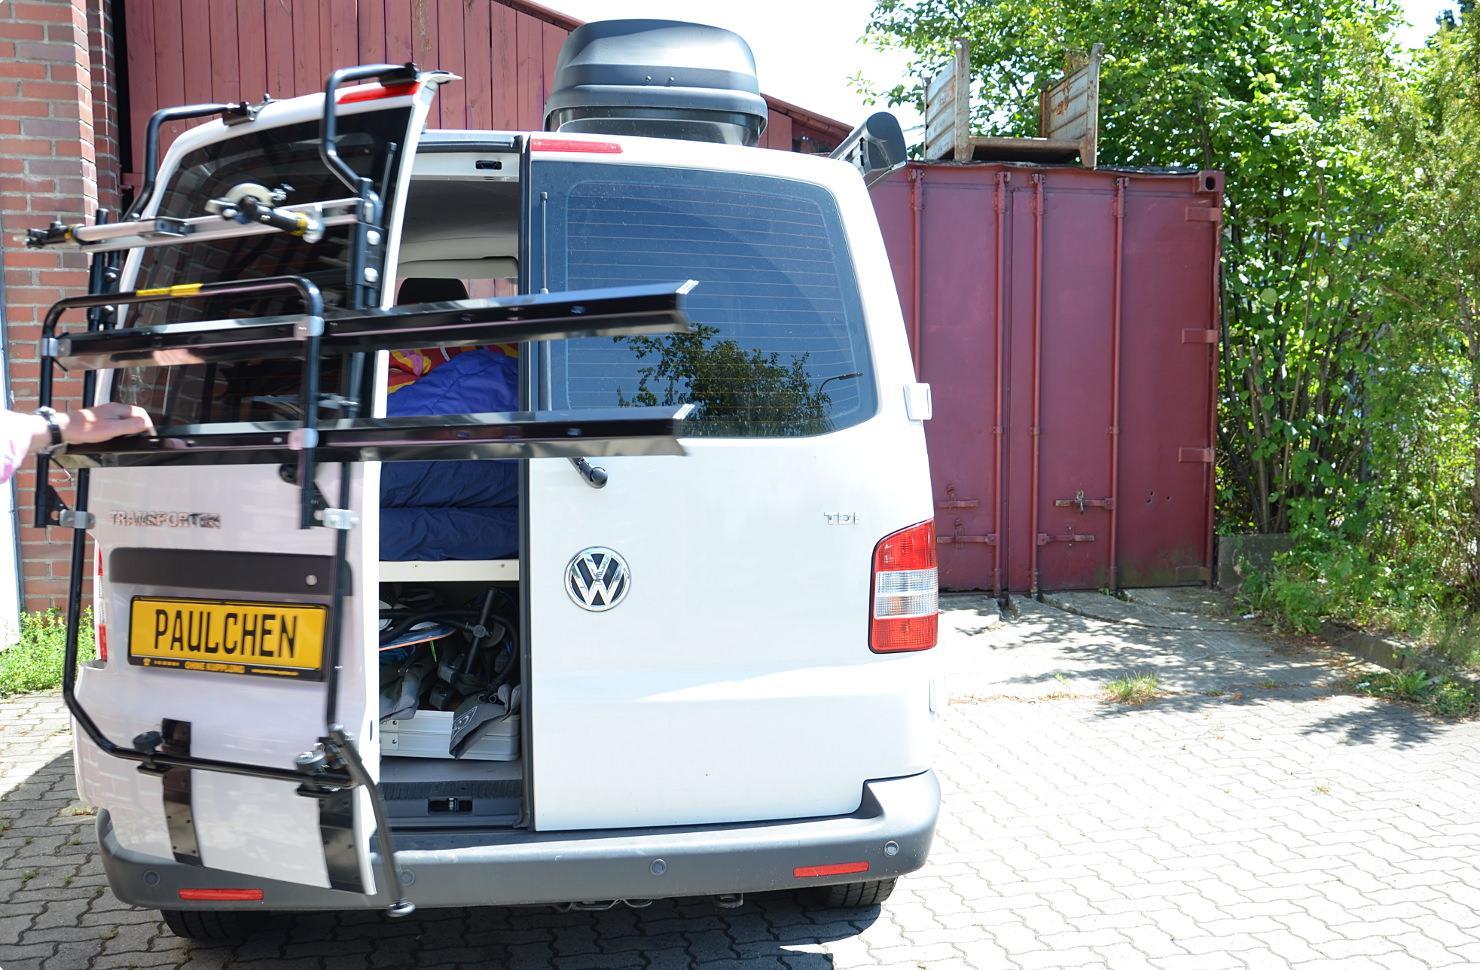 volkswagen bus transporter t5 fahrradtr ger am heck. Black Bedroom Furniture Sets. Home Design Ideas